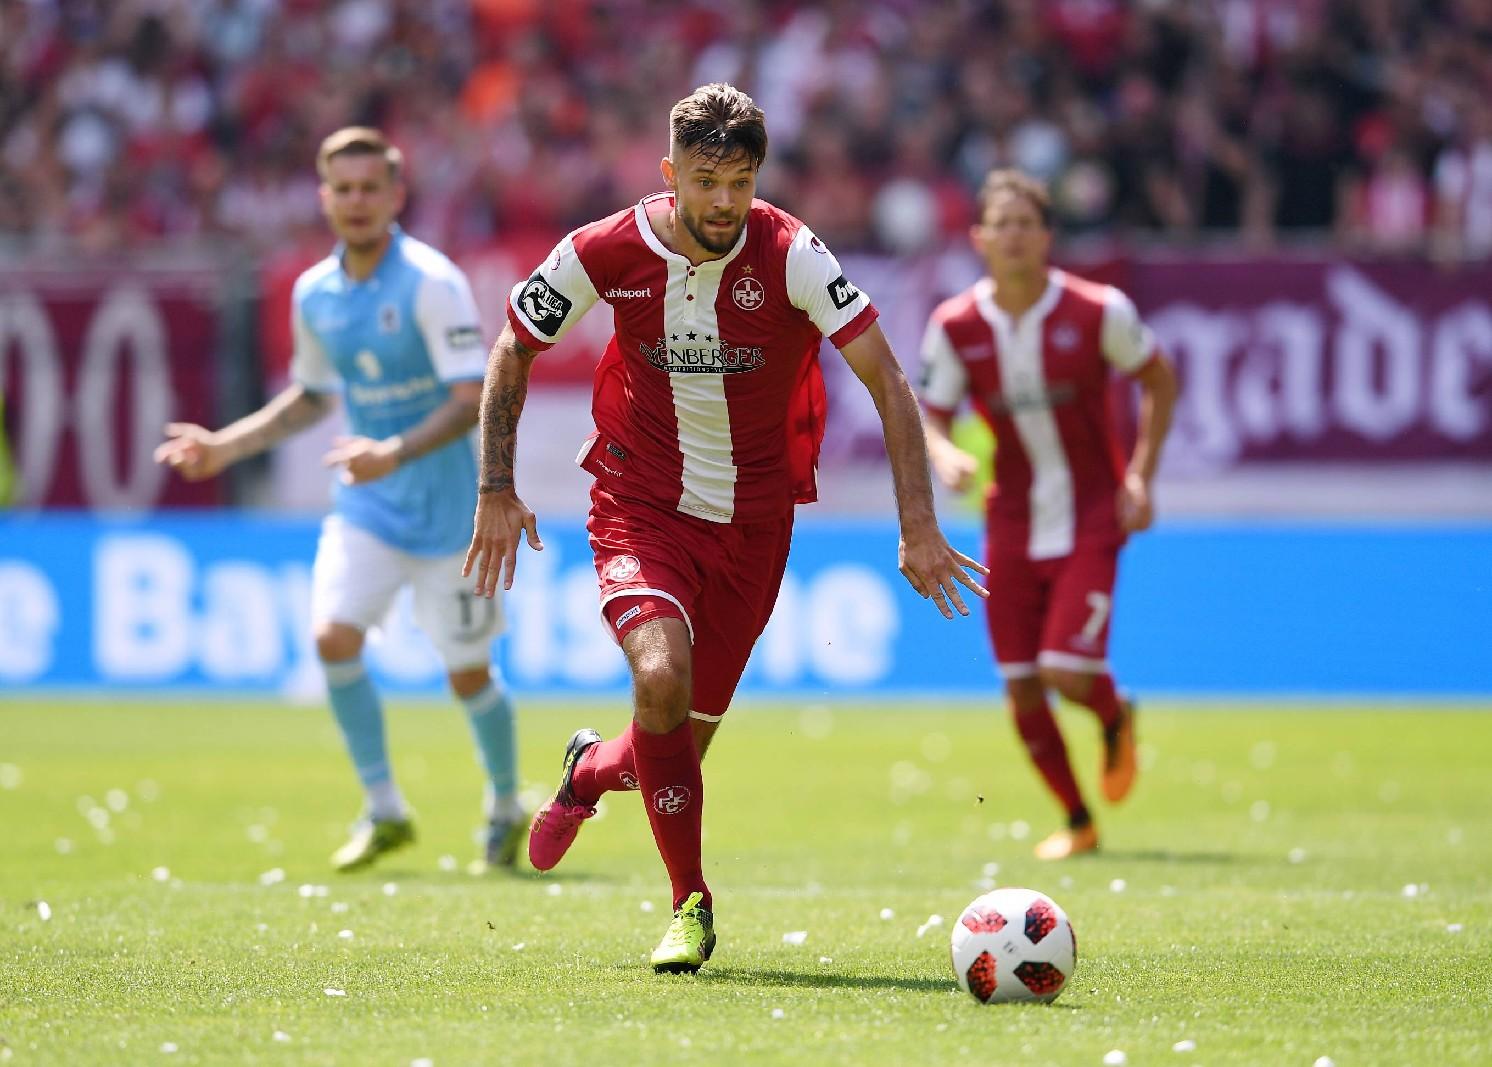 Lukas Spalvis am Ball für den 1. FC Kaiserslautern